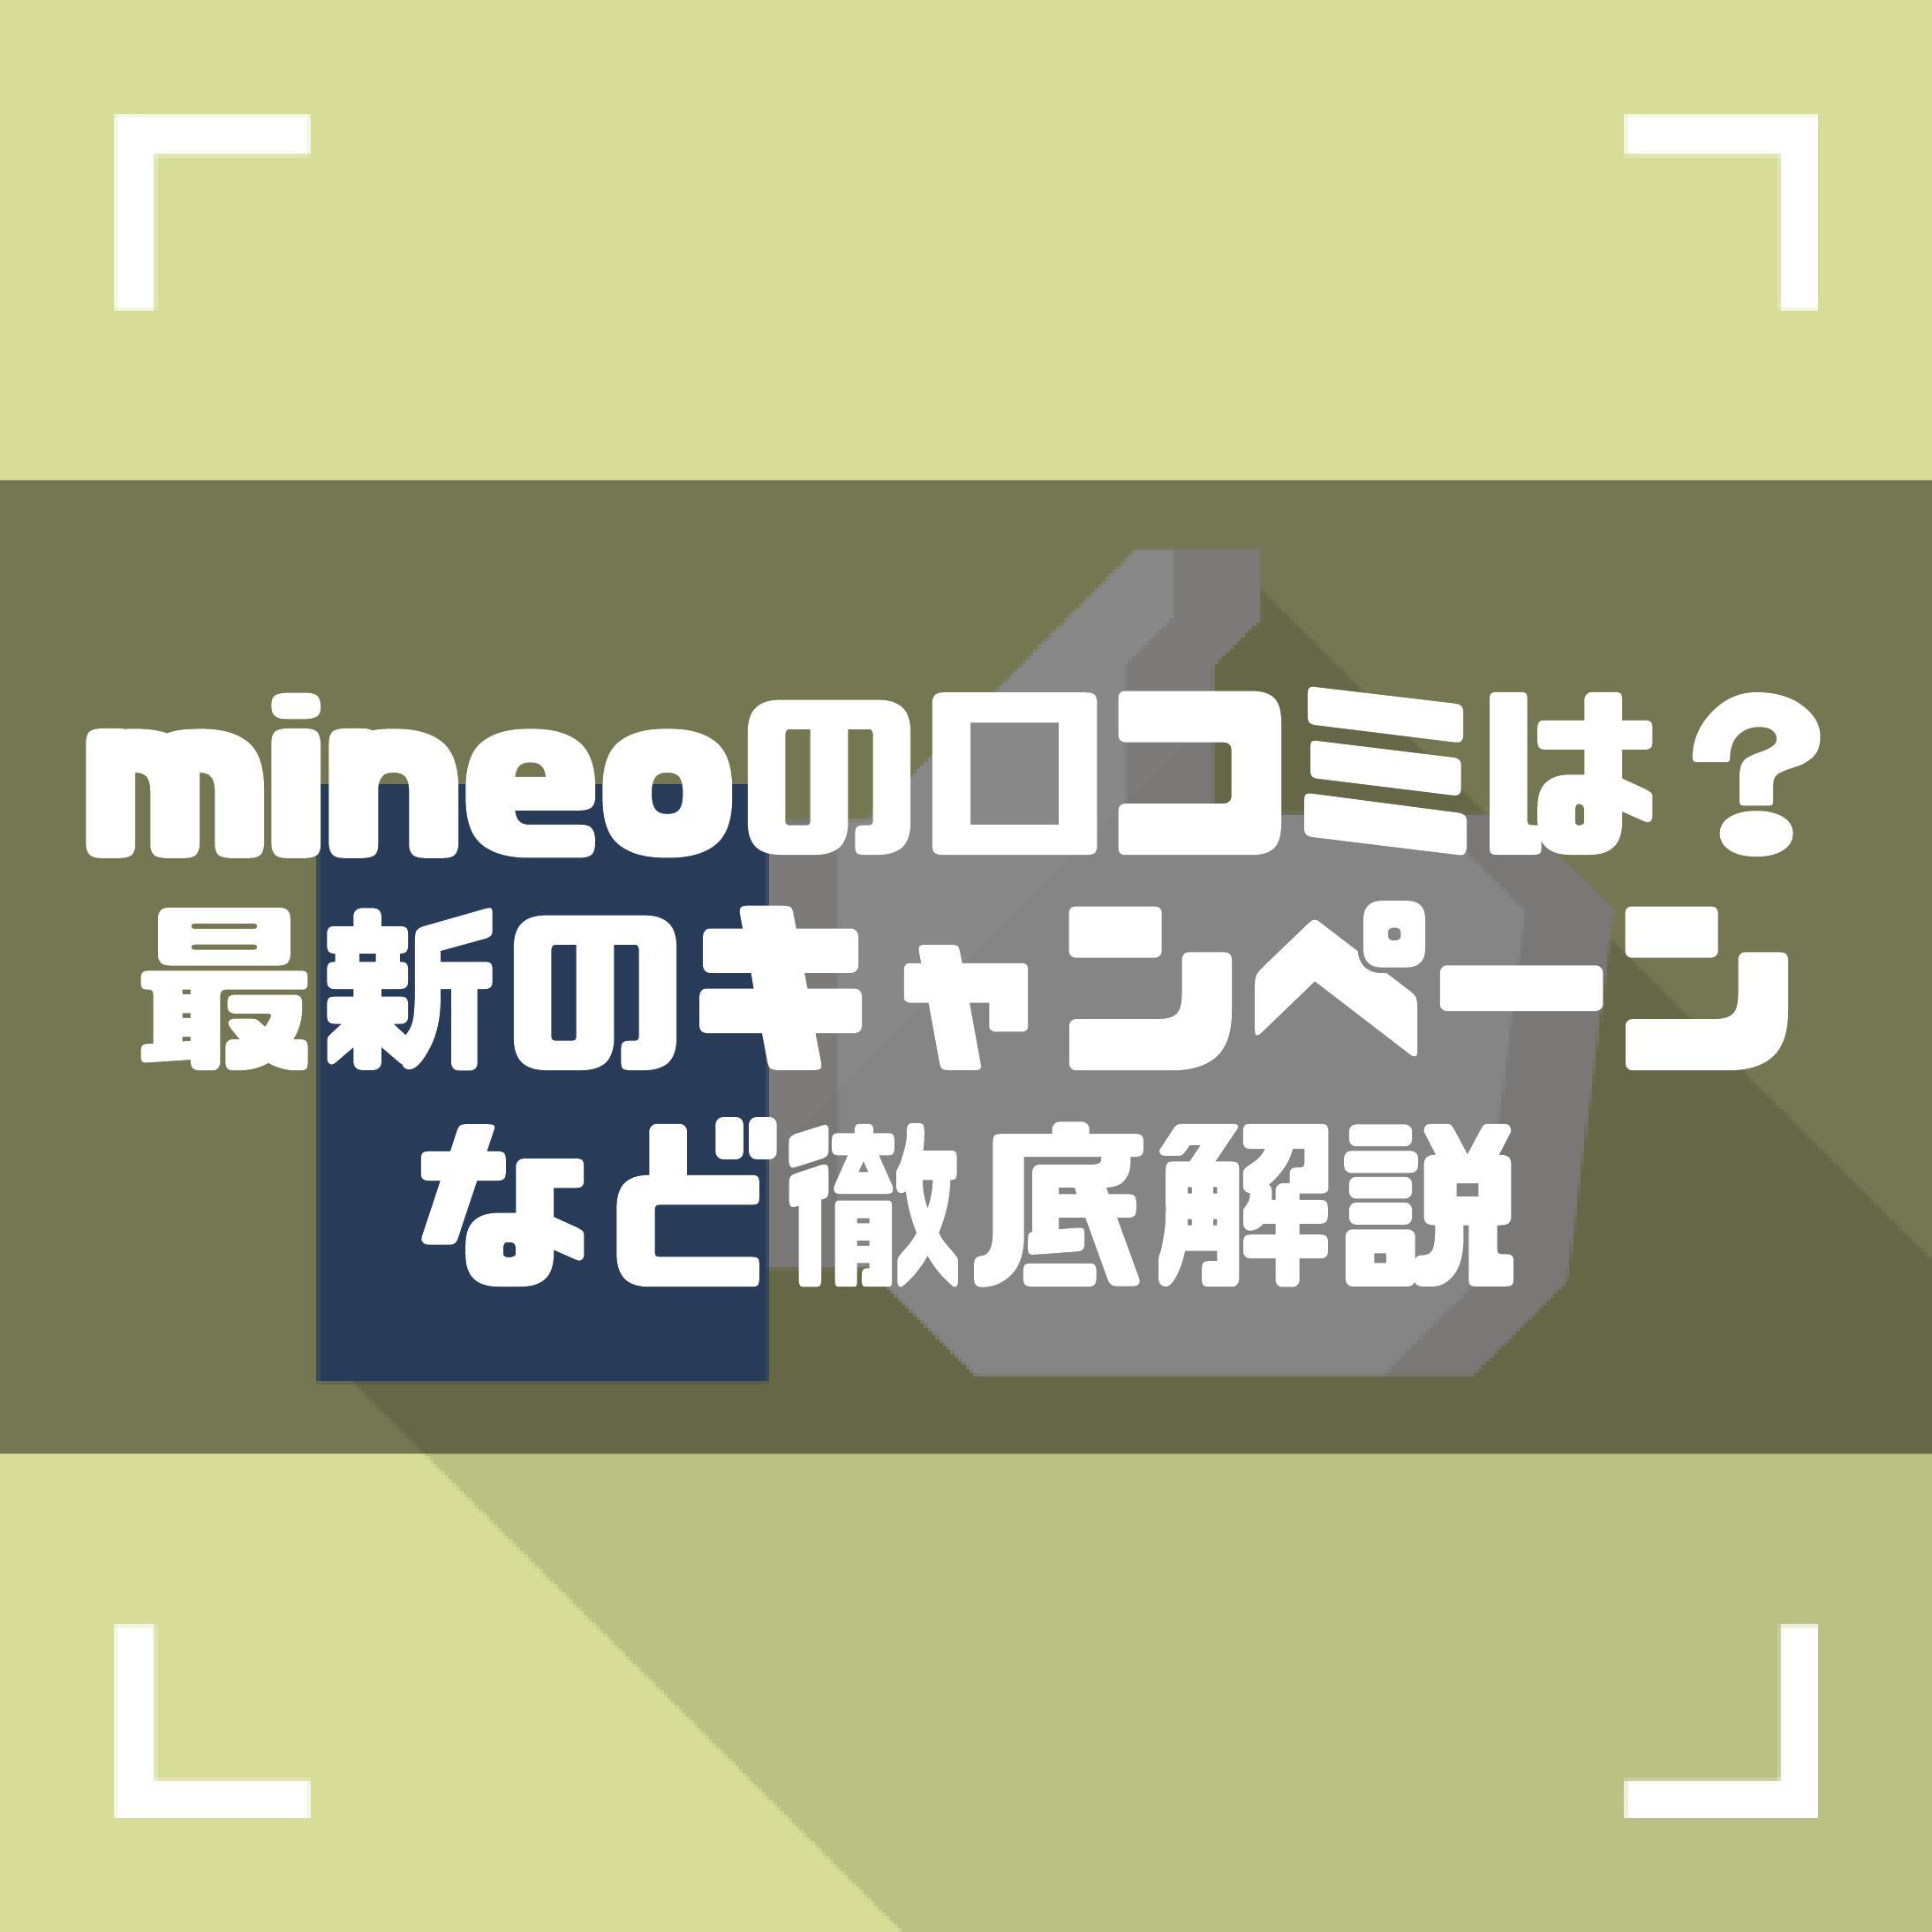 mineo(マイネオ)の評判は最悪?利用者100人に聞いたリアルな口コミからデメリットやメリットを大公開